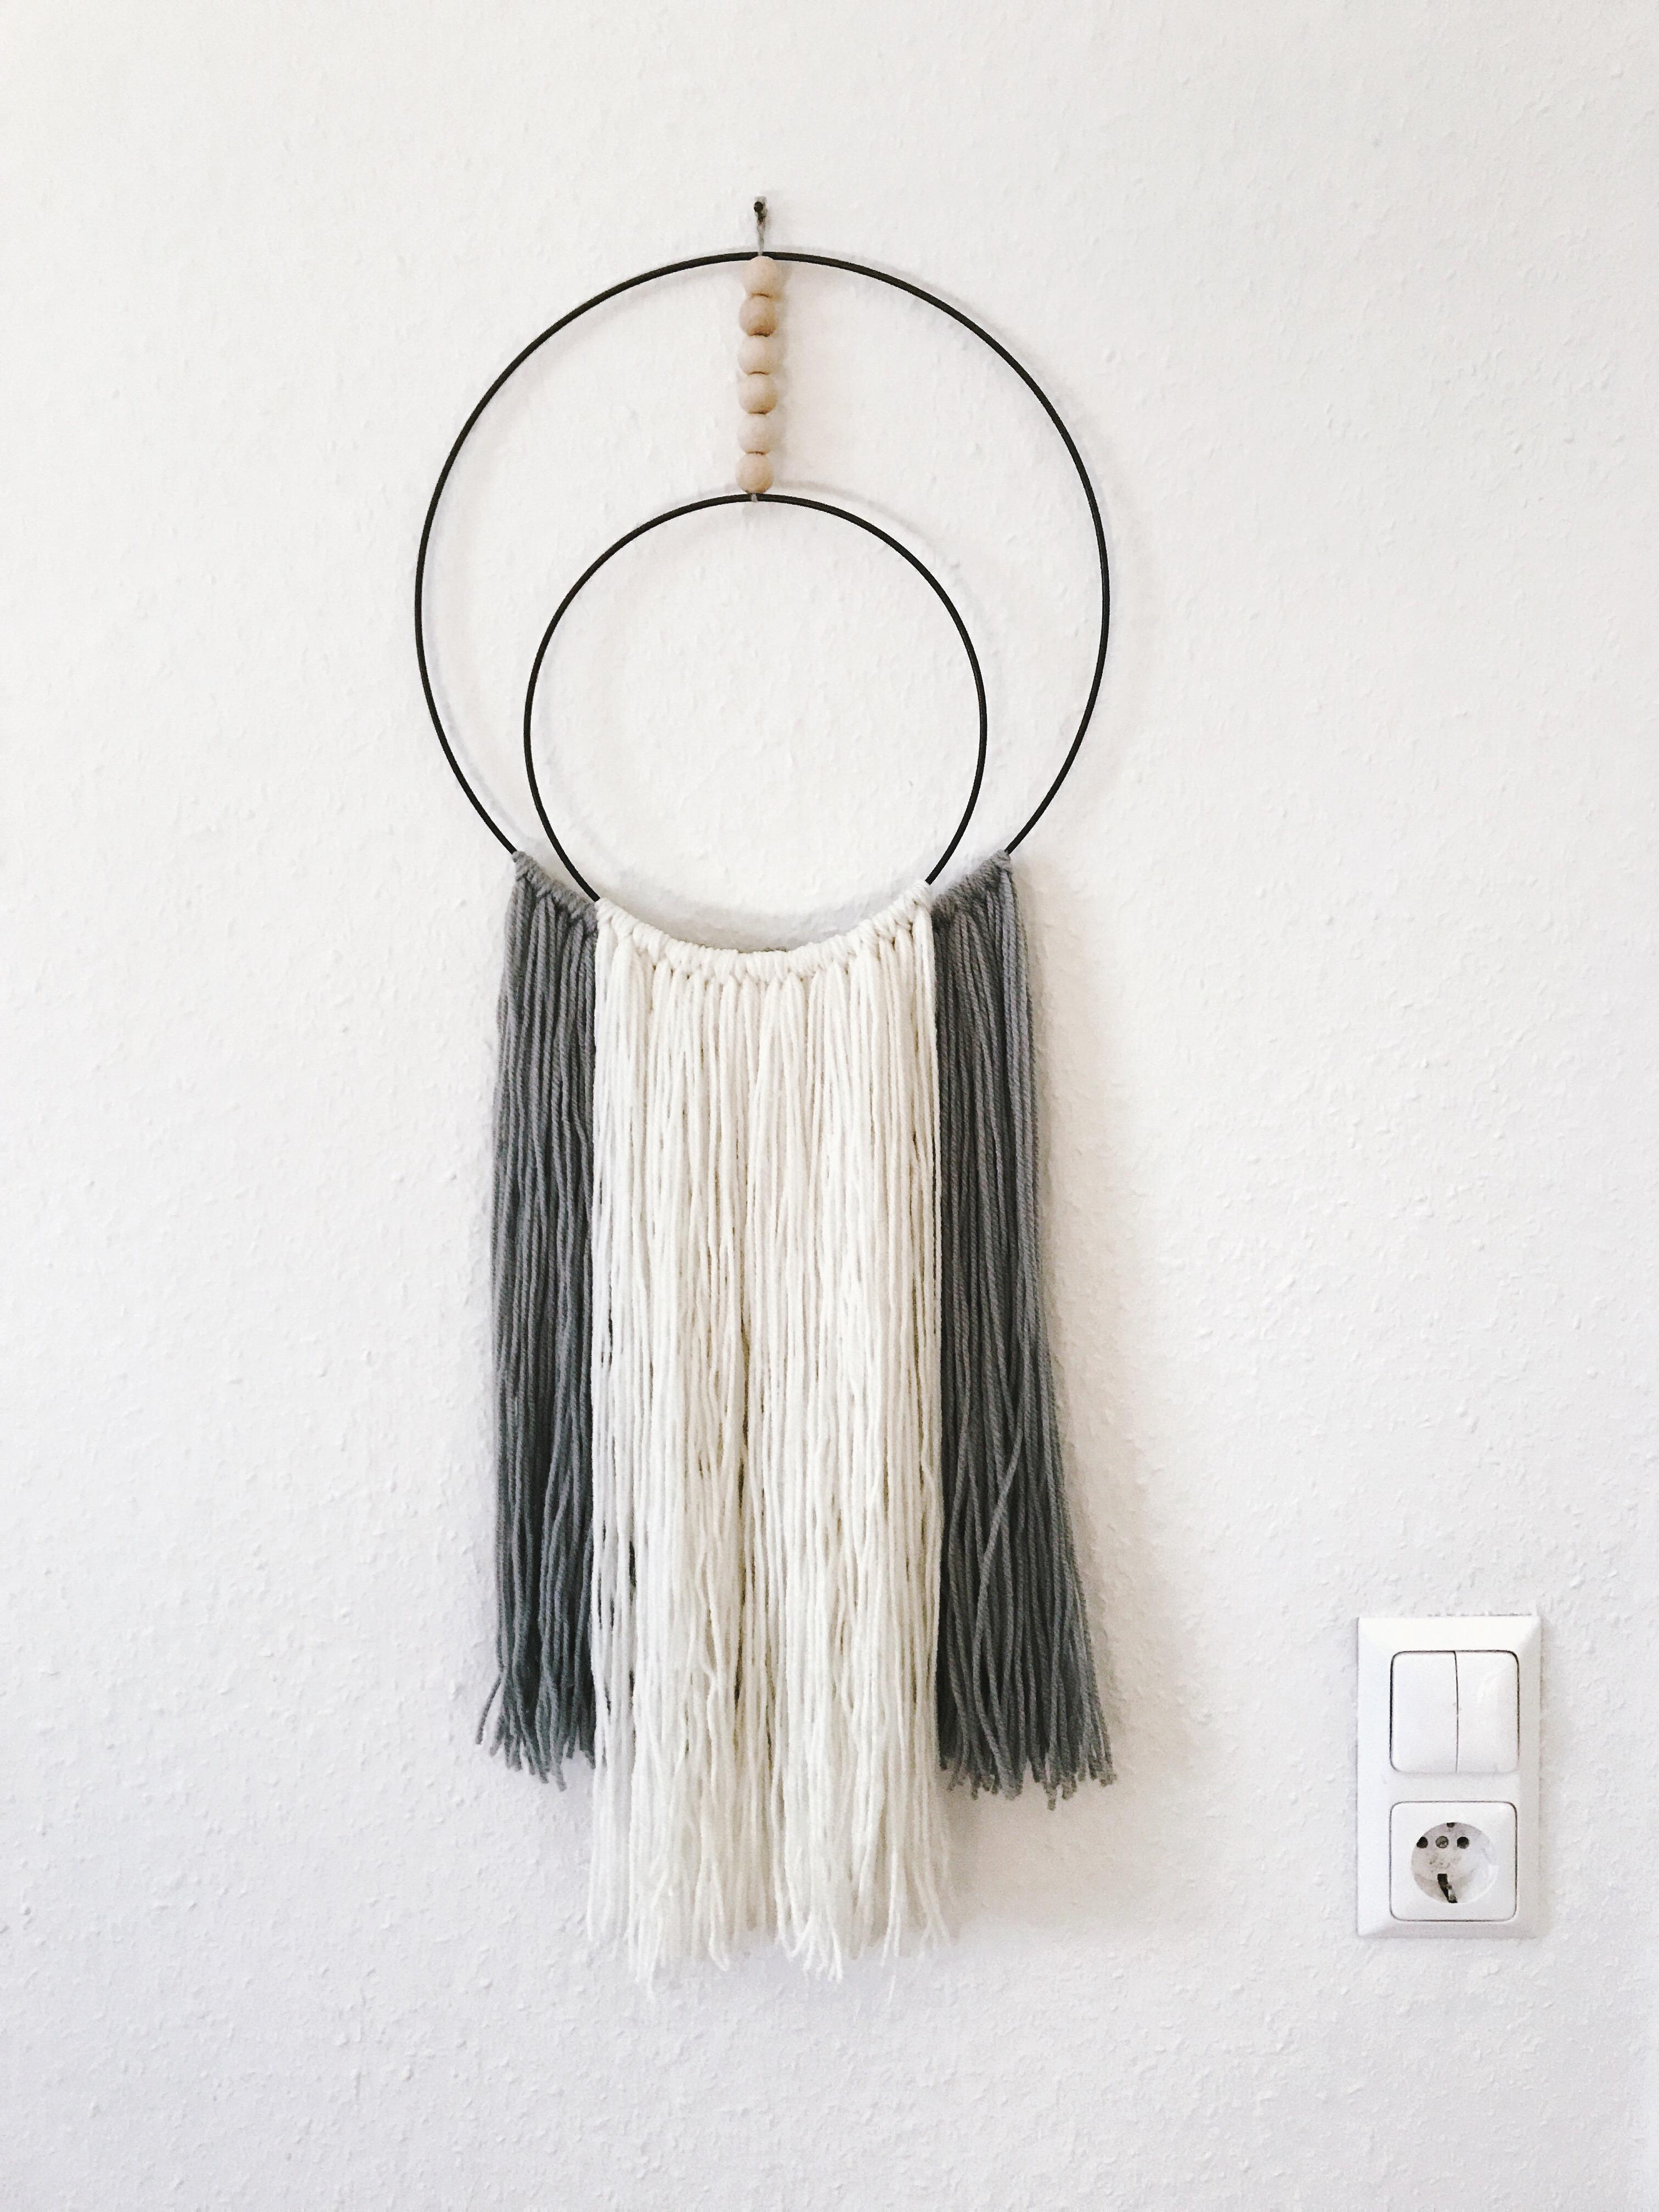 Wanddeko selber machen • Bilder & Ideen • COUCHstyle